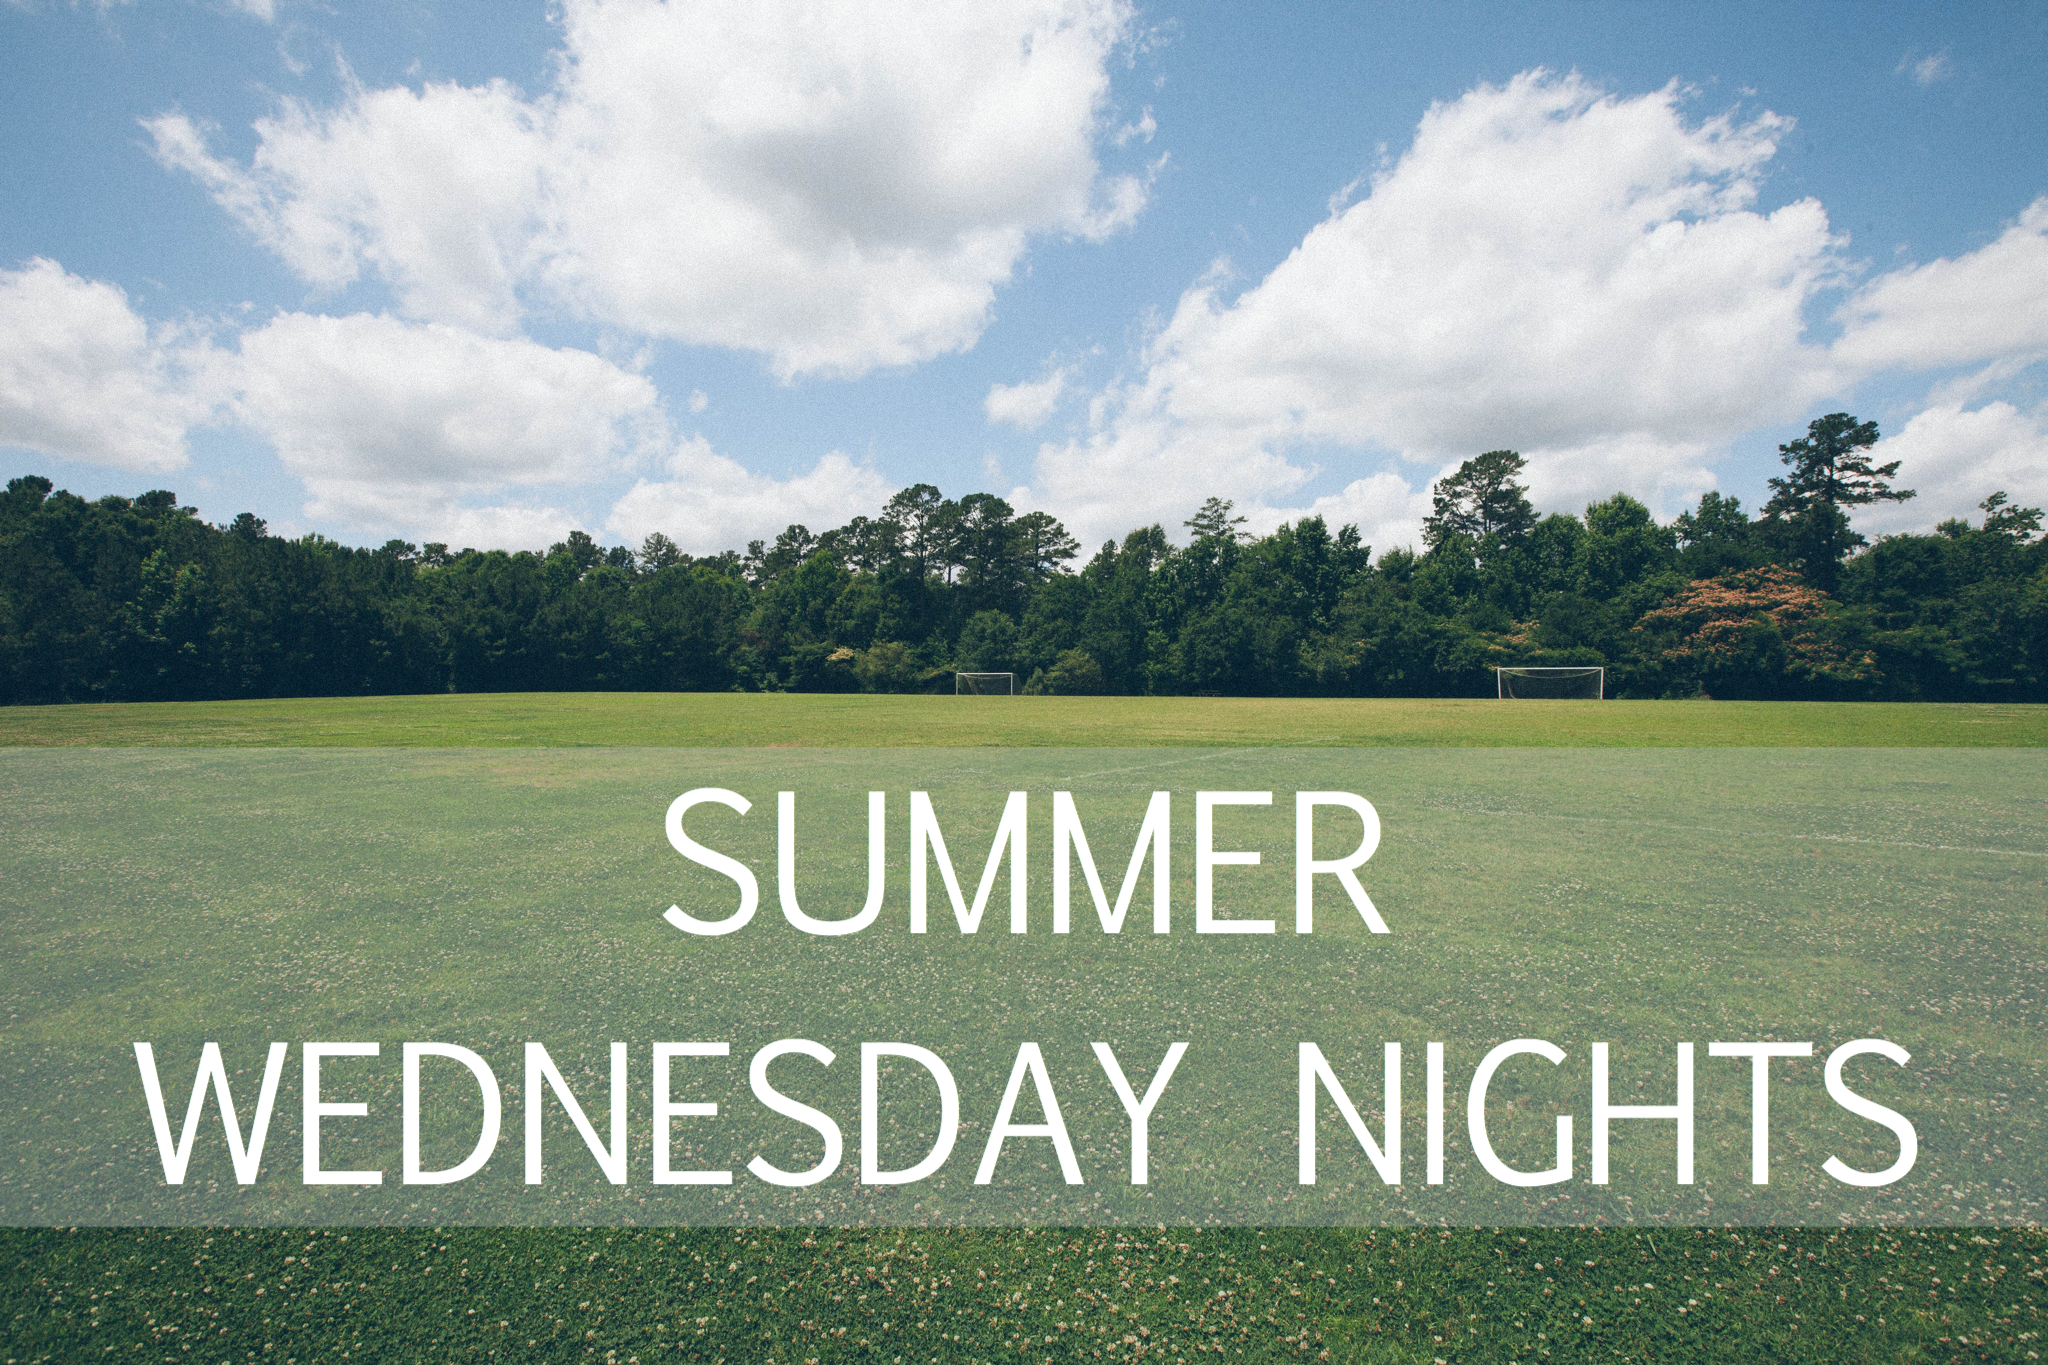 Summer Wednesday Nights.jpeg